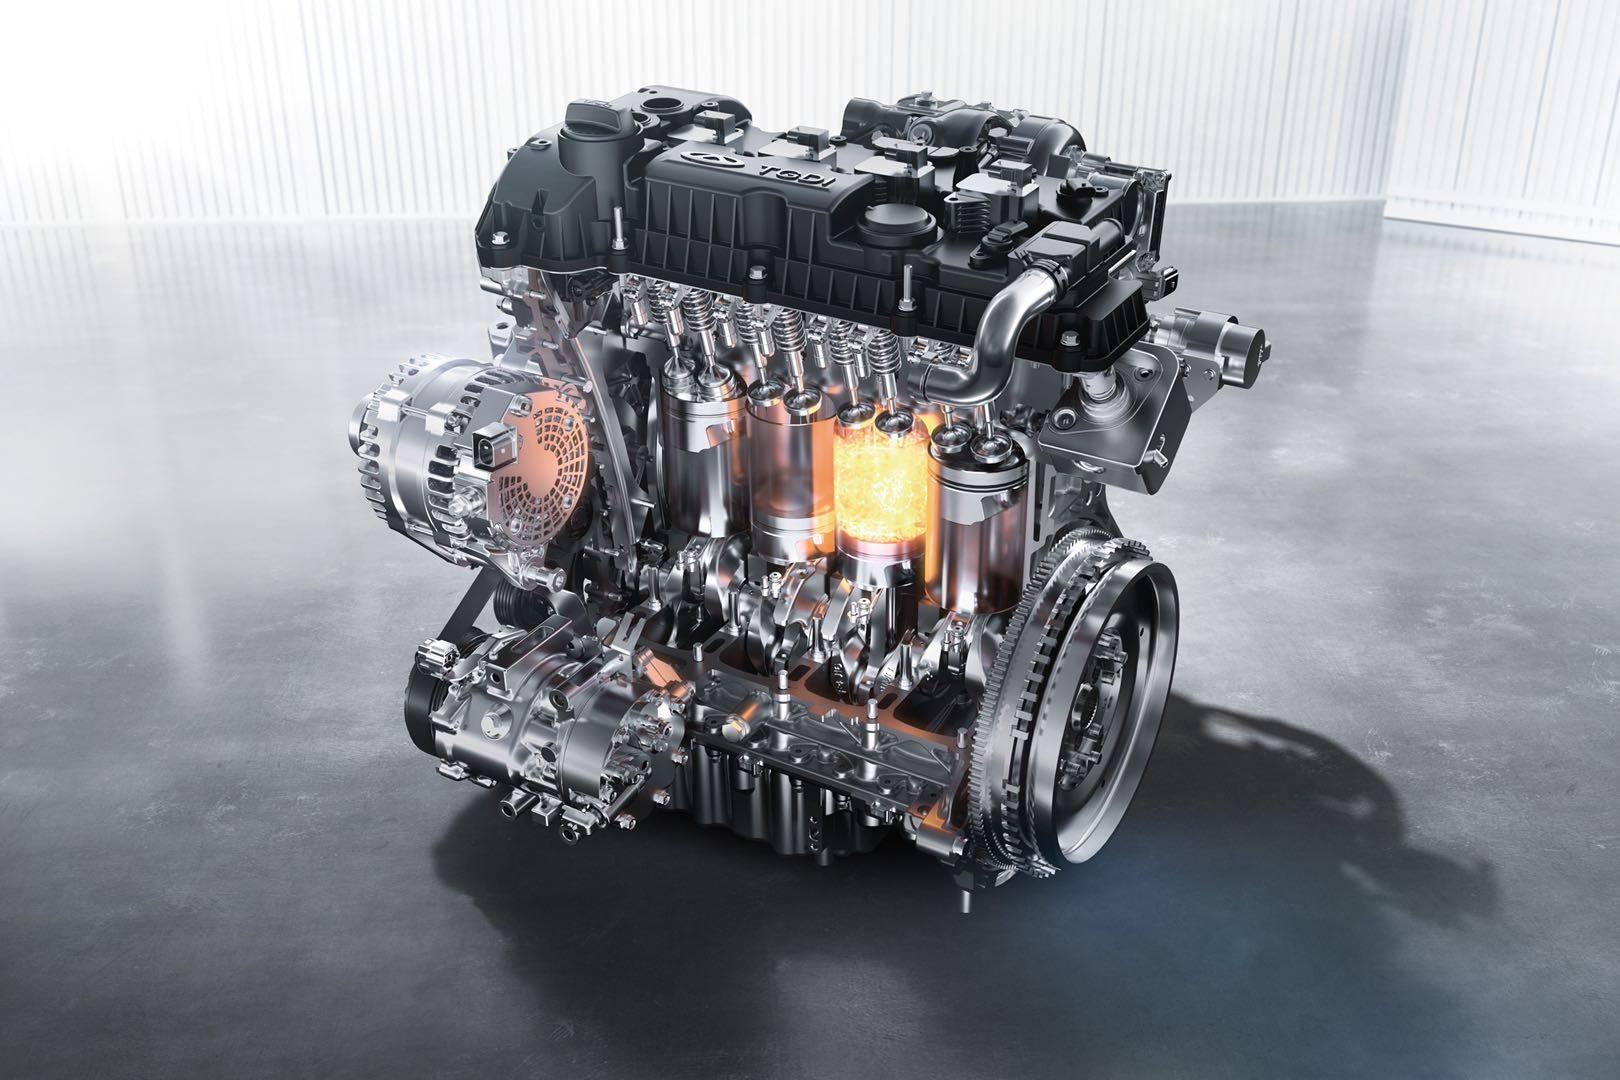 首推全系车型发动机终身质保,对奇瑞品牌意味着什么?